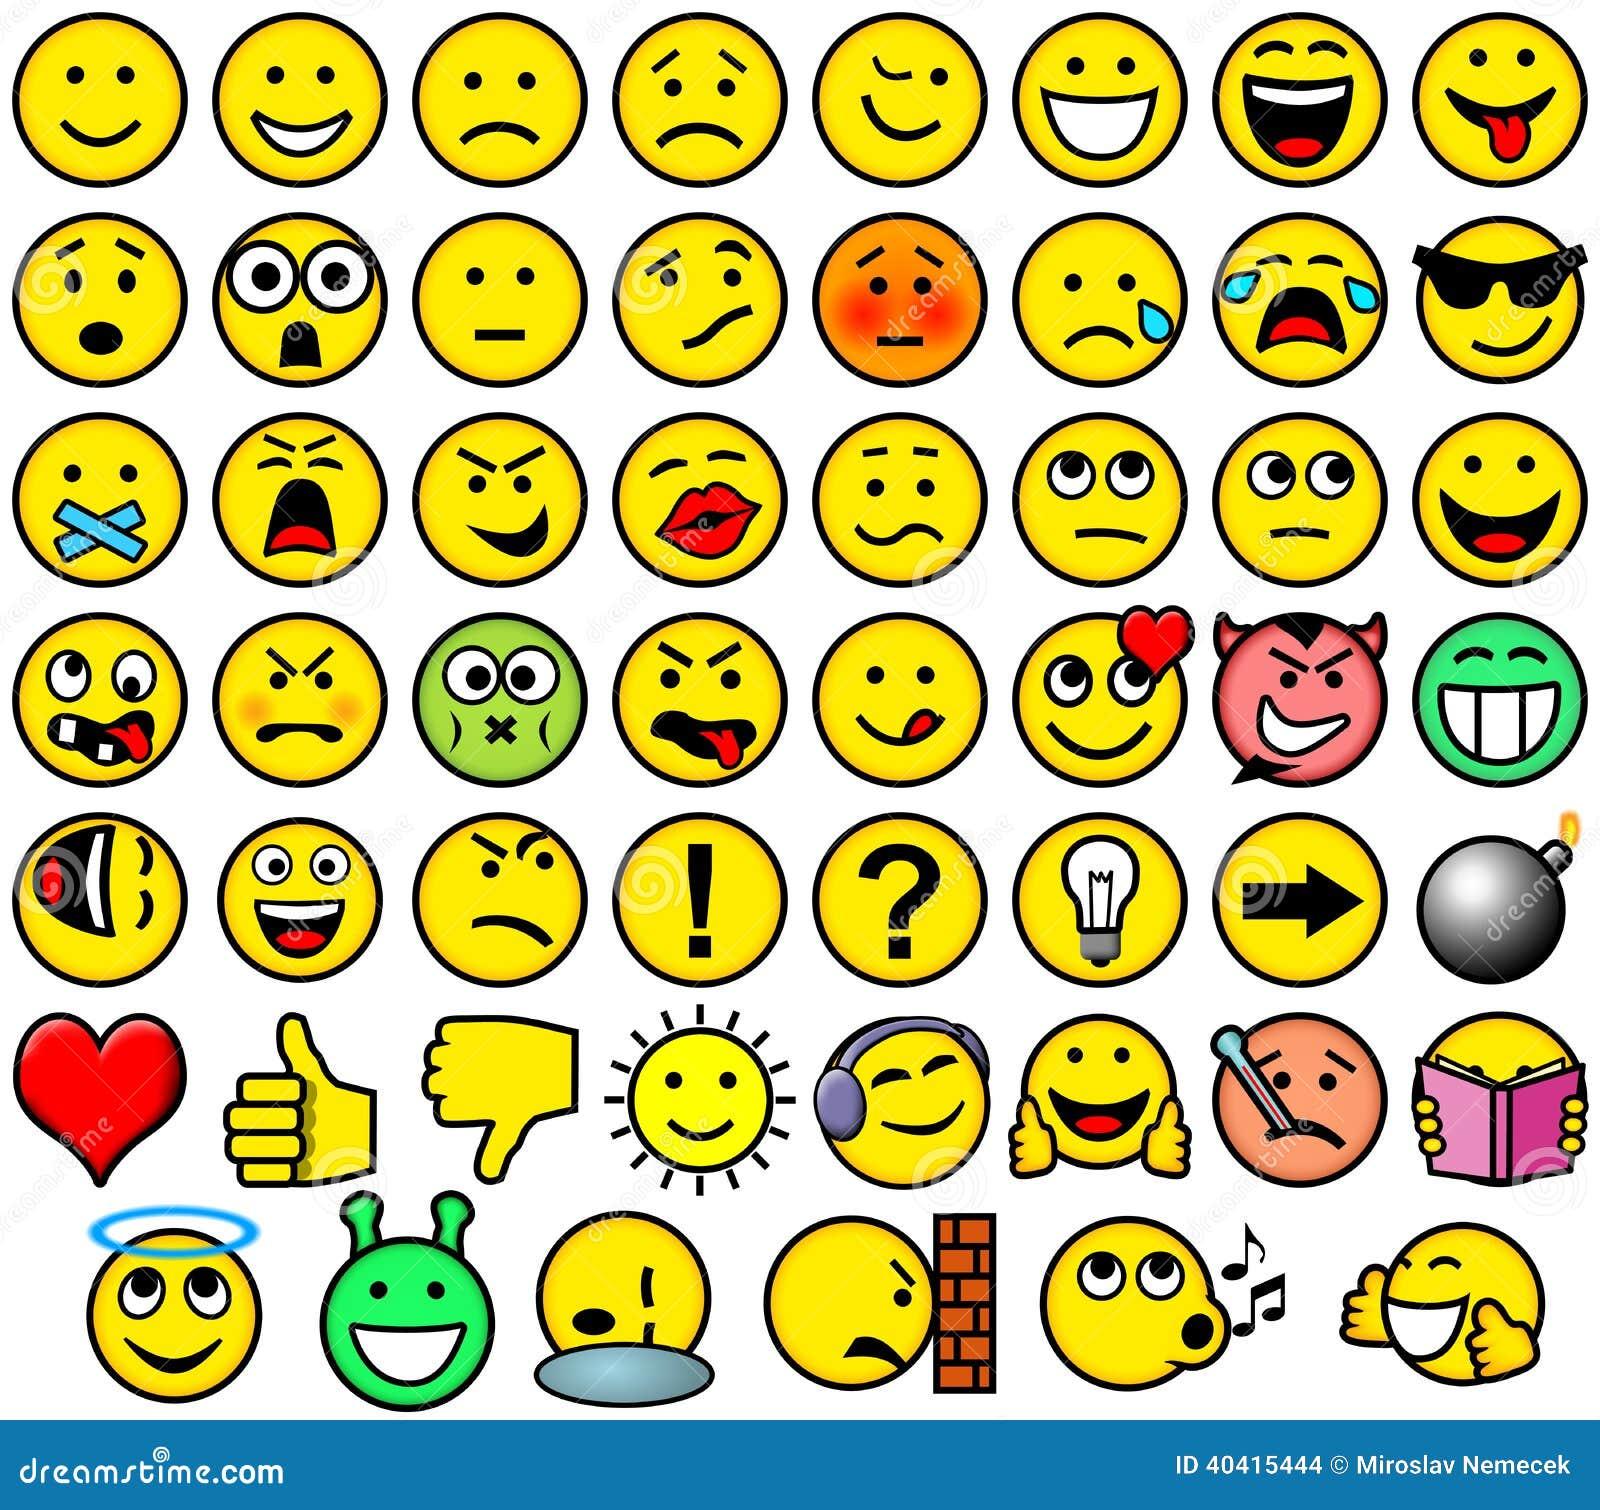 flirt smileys bedeutung Freier flirt-chat geschlossene chats google google analytics datenschutzerklärung nach dreimal hingucken ist ihm auch die bedeutung der smileys klar.